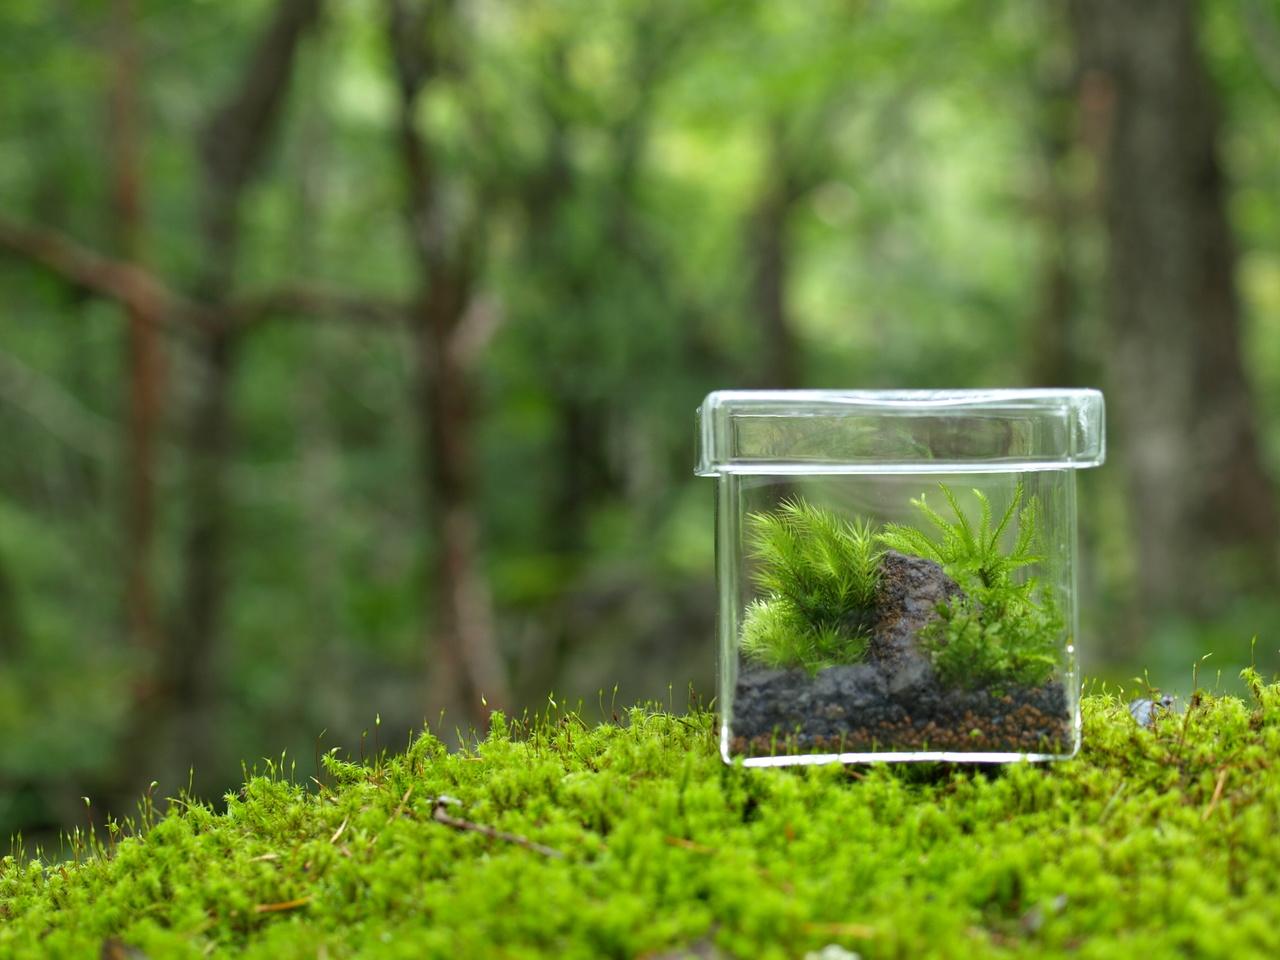 【 名古屋 】小さな苔の森 苔テラリウムワークショップ 道草